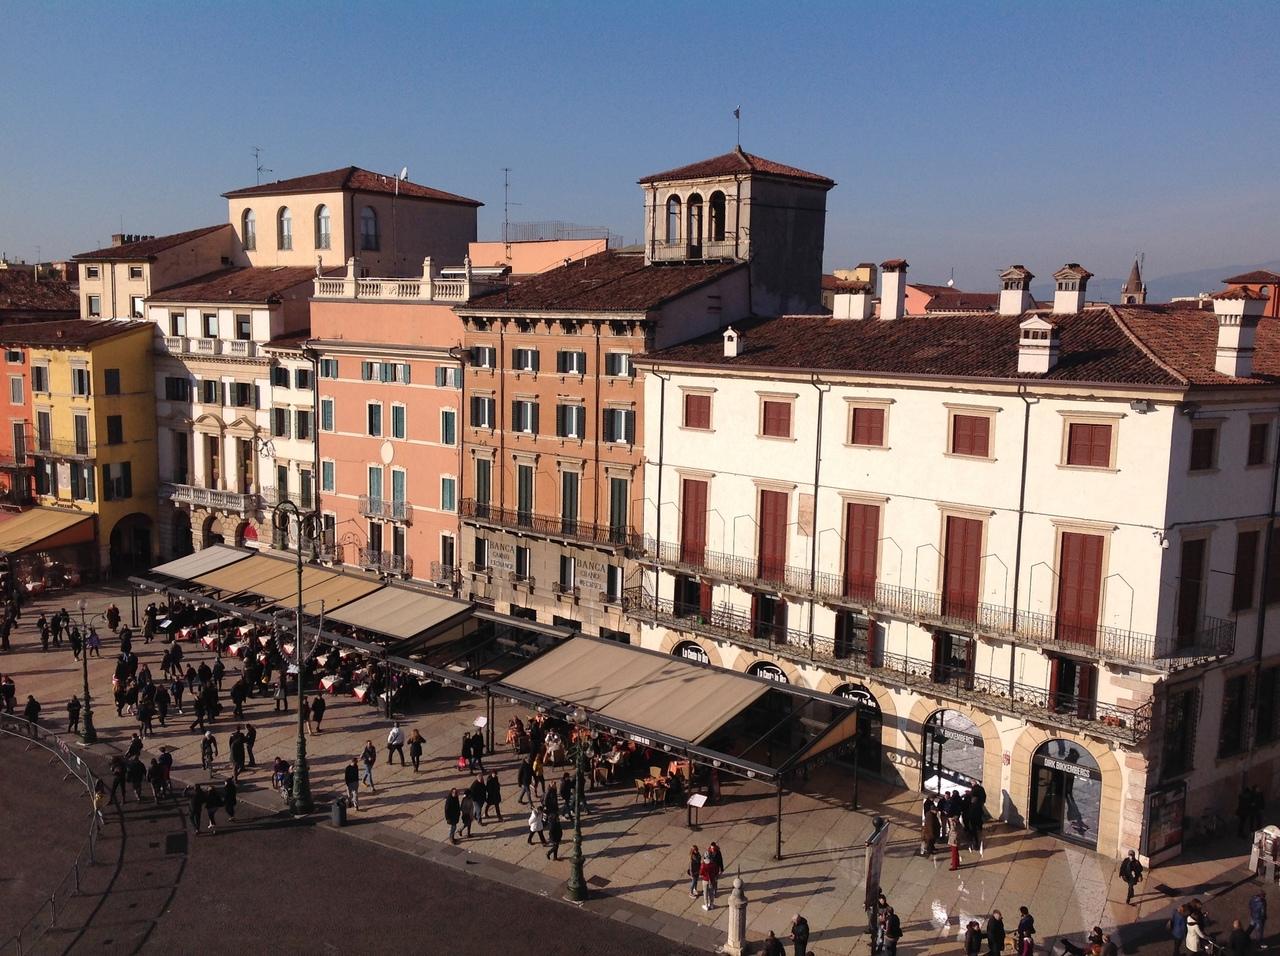 Римский амфитеатр в Вероне - место, где творилась история